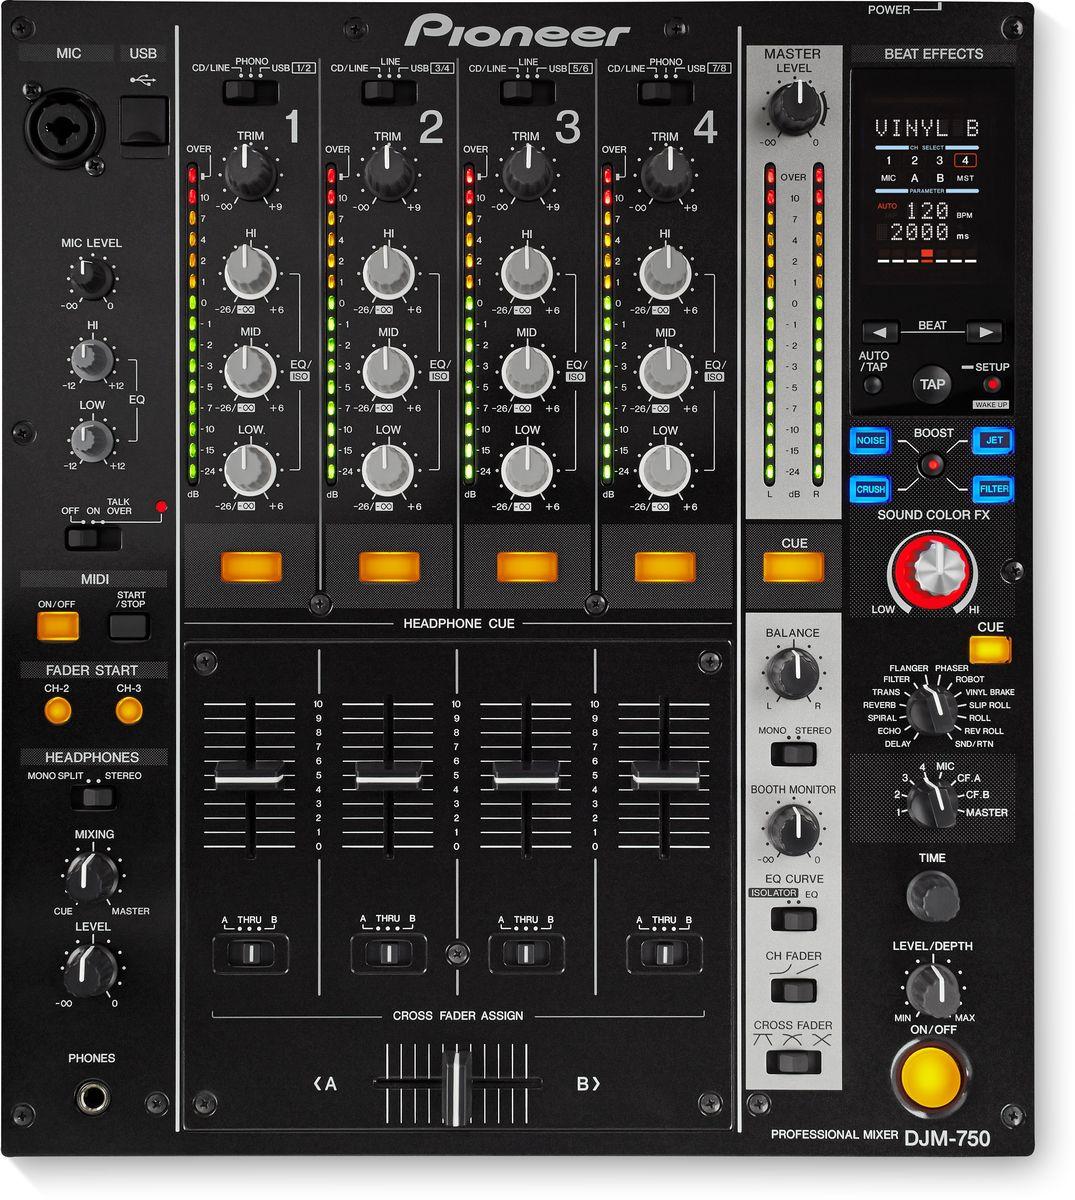 Pioneer DJM-750-K микшерный пульт среднего уровня375322Четырехканальный цифровой микшер Pioneer DJM-750 берет новую высоту в управлении эффектами и взаимодействии с ПО благодаря Boost Color FX и встроенной 24-бит/96 кГц звуковой карте.Boost Color FX добавляет второй эффект к Sound Color FX и позволяет контролировать параметры обоих эффектов всего одной кнопкой. В микшере целых 13 Beat FX, включая новый Vinyl Brake с отдельным регулятором Level/Depth для тактильного контроля над параметром Wet/Dry.Данная модель имеет встроенную высококачественную USB-звуковую карту. Для мгновенного доступа к установленному на ноутбуке ПО достаточно одного кабеля USB. На этом сходство с топовыми пультами Pioneer не заканчивается. DJM-750 оснащен высококачественным звуковым трактом, хорошо узнаваемым форматом, надежными фейдерами, трехполосным эквалайзером с полным вырезанием частот, и полным контролем по MIDI.Поддержка трех частот дискретизации (96/48/44.1 кГц) и стандарты ASIO/Core Audio позволяют задействовать DJM-750 при записи музыки. Дружественный интерфейс Pioneer запускается с подключением к компьютеру, настроить параметры микшера можно в соответствии с собственными предпочтениями.Микшерный пульт оснащен таким же 32-битным цифровым сигнальным процессором. A 24-битный A/D-конвертер оцифровывает и повышает качество звука на всех выходах, в то время как уменьшающий колебания кварцевый стабилизатор частоты и высококачественная схема Send/Return обеспечивает чистейшие внешние эффекты.Трехполосный эквалайзер и трехполосный изолятор есть на каждом каналеПорт USB расположен на верхней панели для удобного переключения между устройствамиАвтоматический спящий режимP-Lock Fader Cap на канальных фейдерах и кроссфейдере исключает случайное переключение во время выступленияХарактеристики:Частотный диапазон: 20 - 20000 ГцЧастота дискретизации: 96 кГцА/Ц преобразователь: 24 битЦ/А преобразователь: 24 битСоотношение сигнал/шум: 106 дБЗвуковые искажения: 0,004%Эффекты/Семплер: 3-полосный изолятор